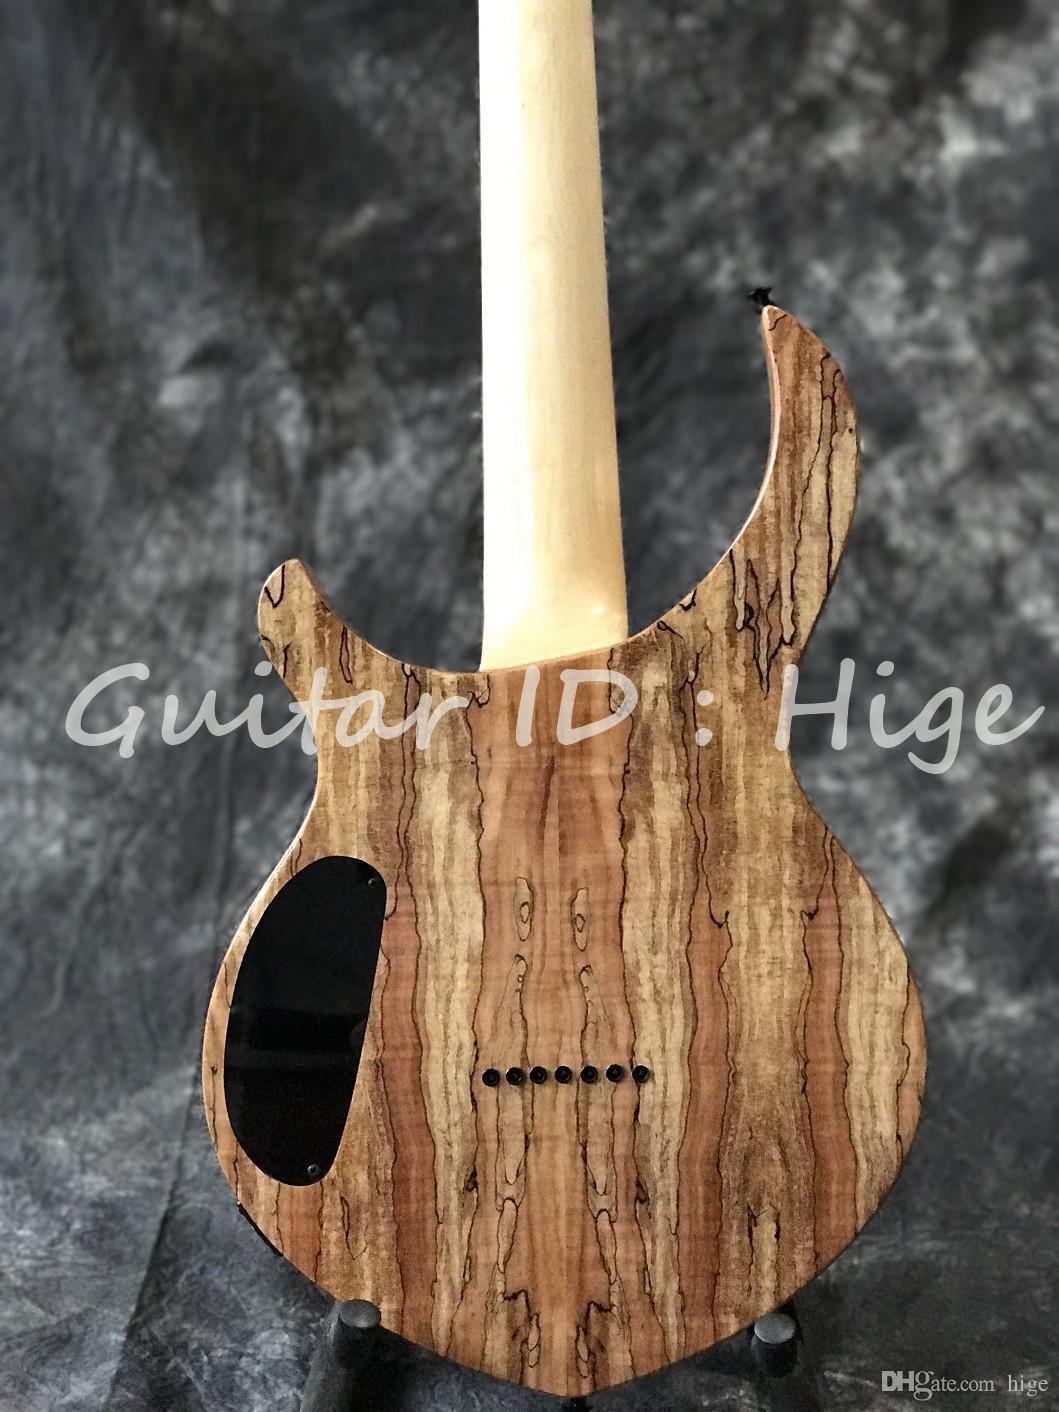 Chitarra elettrica su ordinazione di alta qualità di nuovo arrivo 7 corde, colore naturale, cima dell'acero spalted, foto reale che mostra guitarra